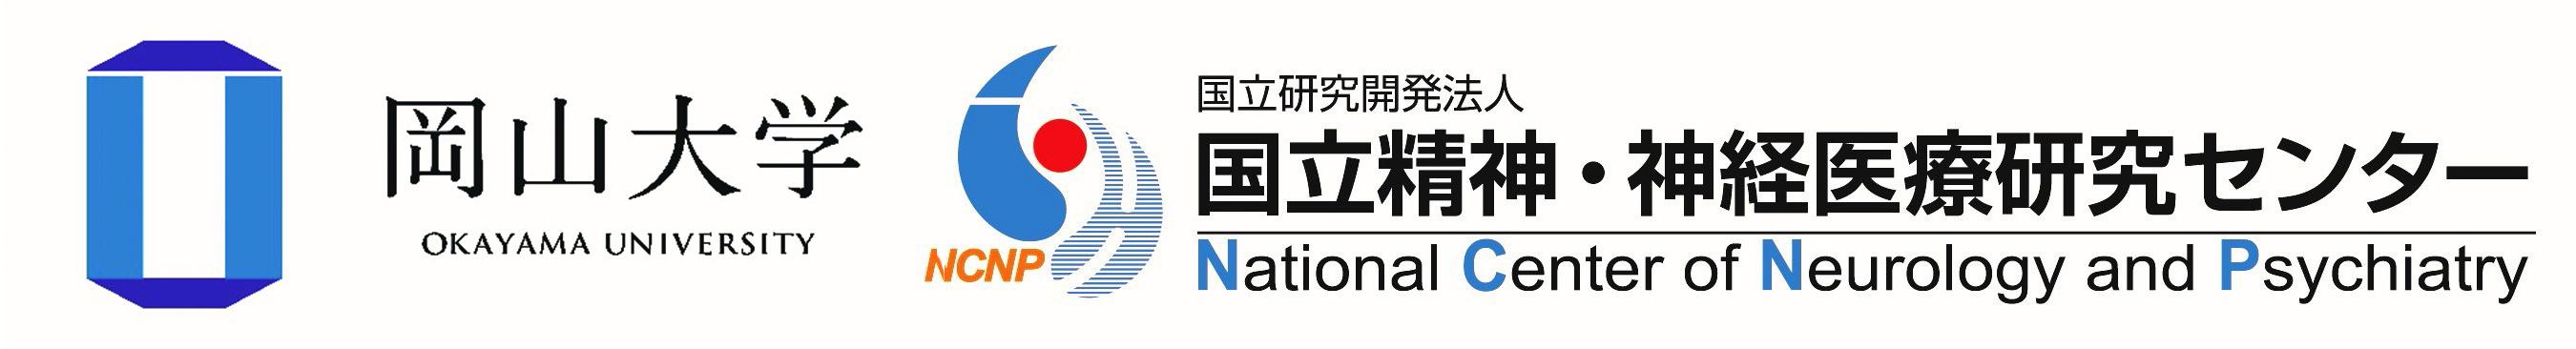 logoOkayamaNCNP.jpg